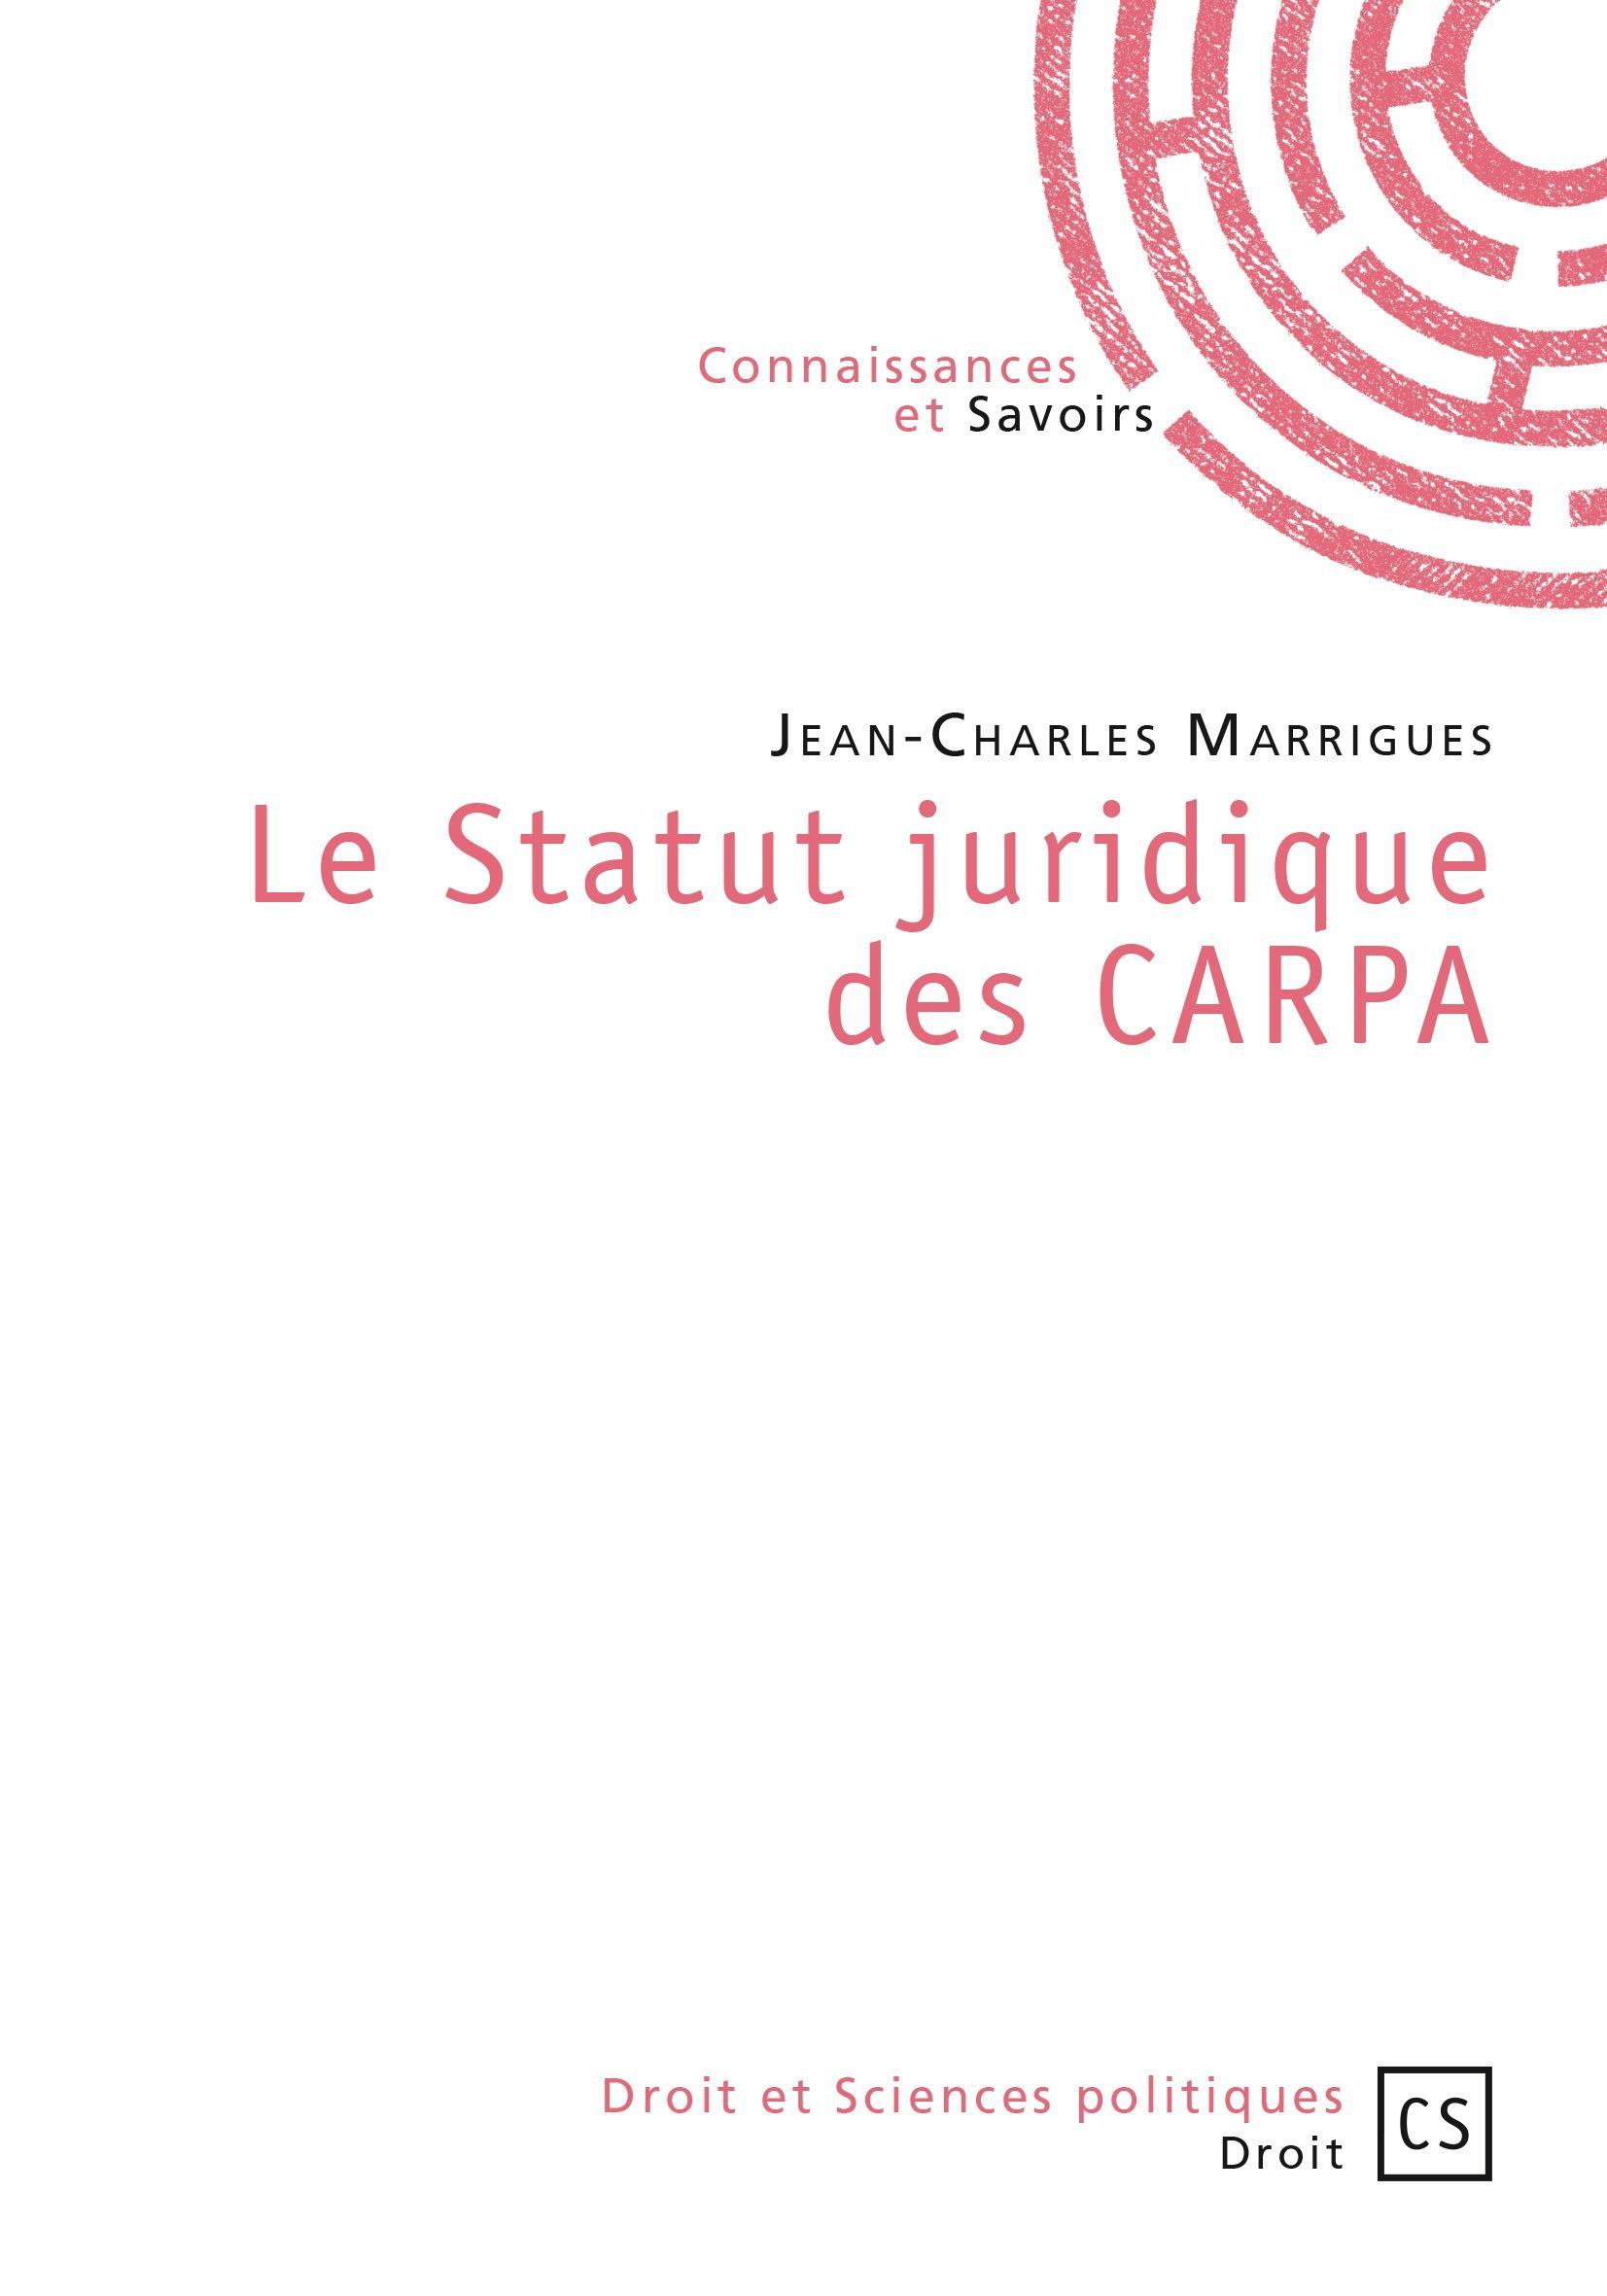 Jean-Charles Marrigues Le Statut juridique des CARPA